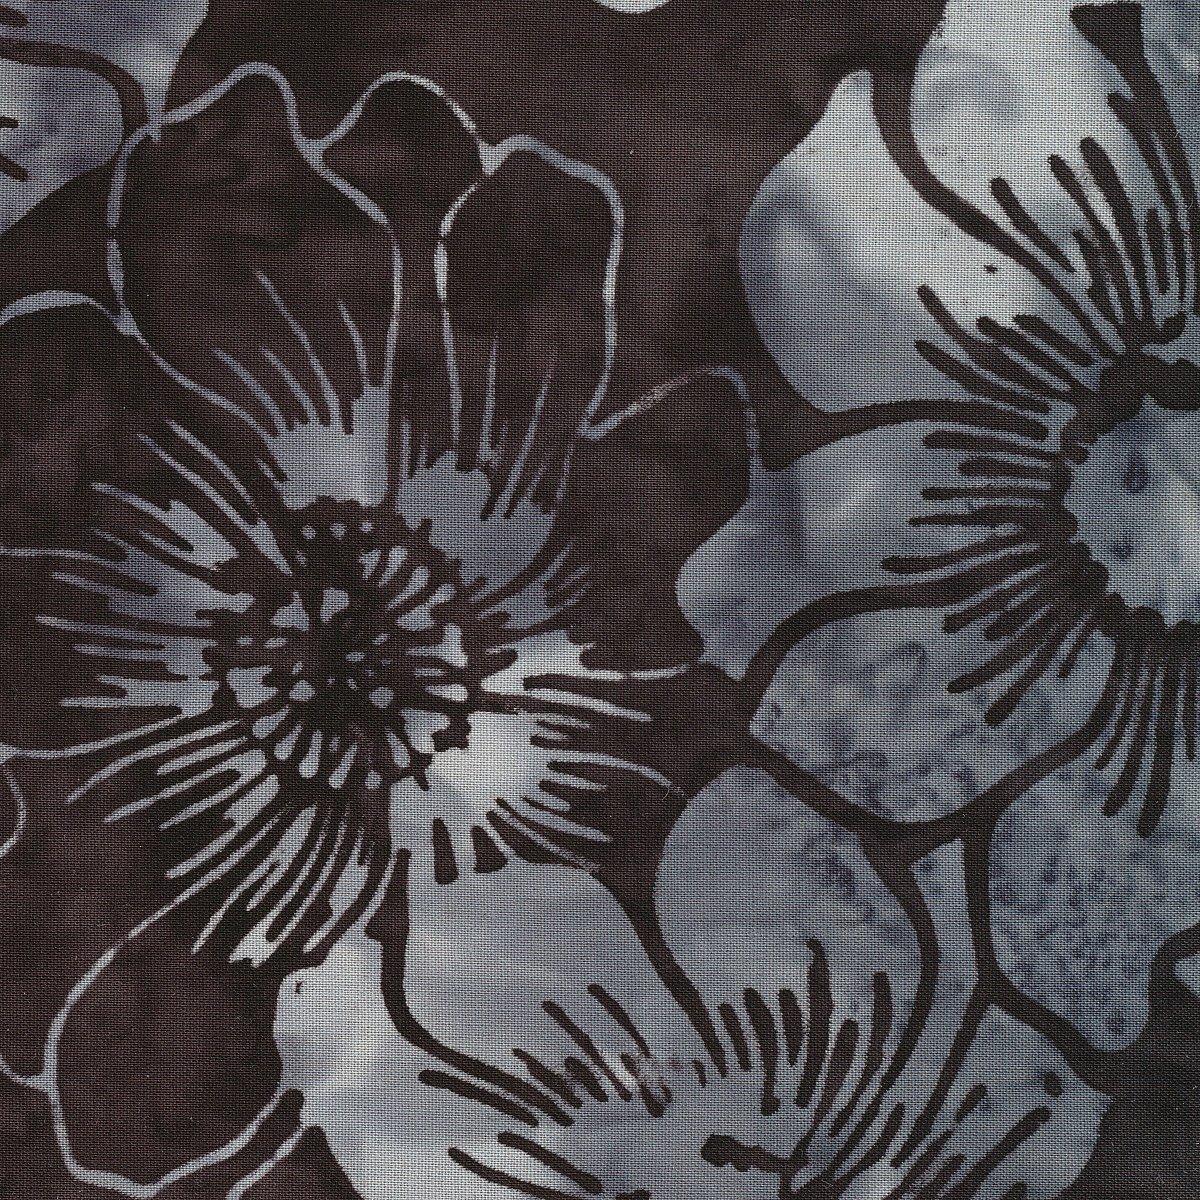 Bali Batiks - 2136-537